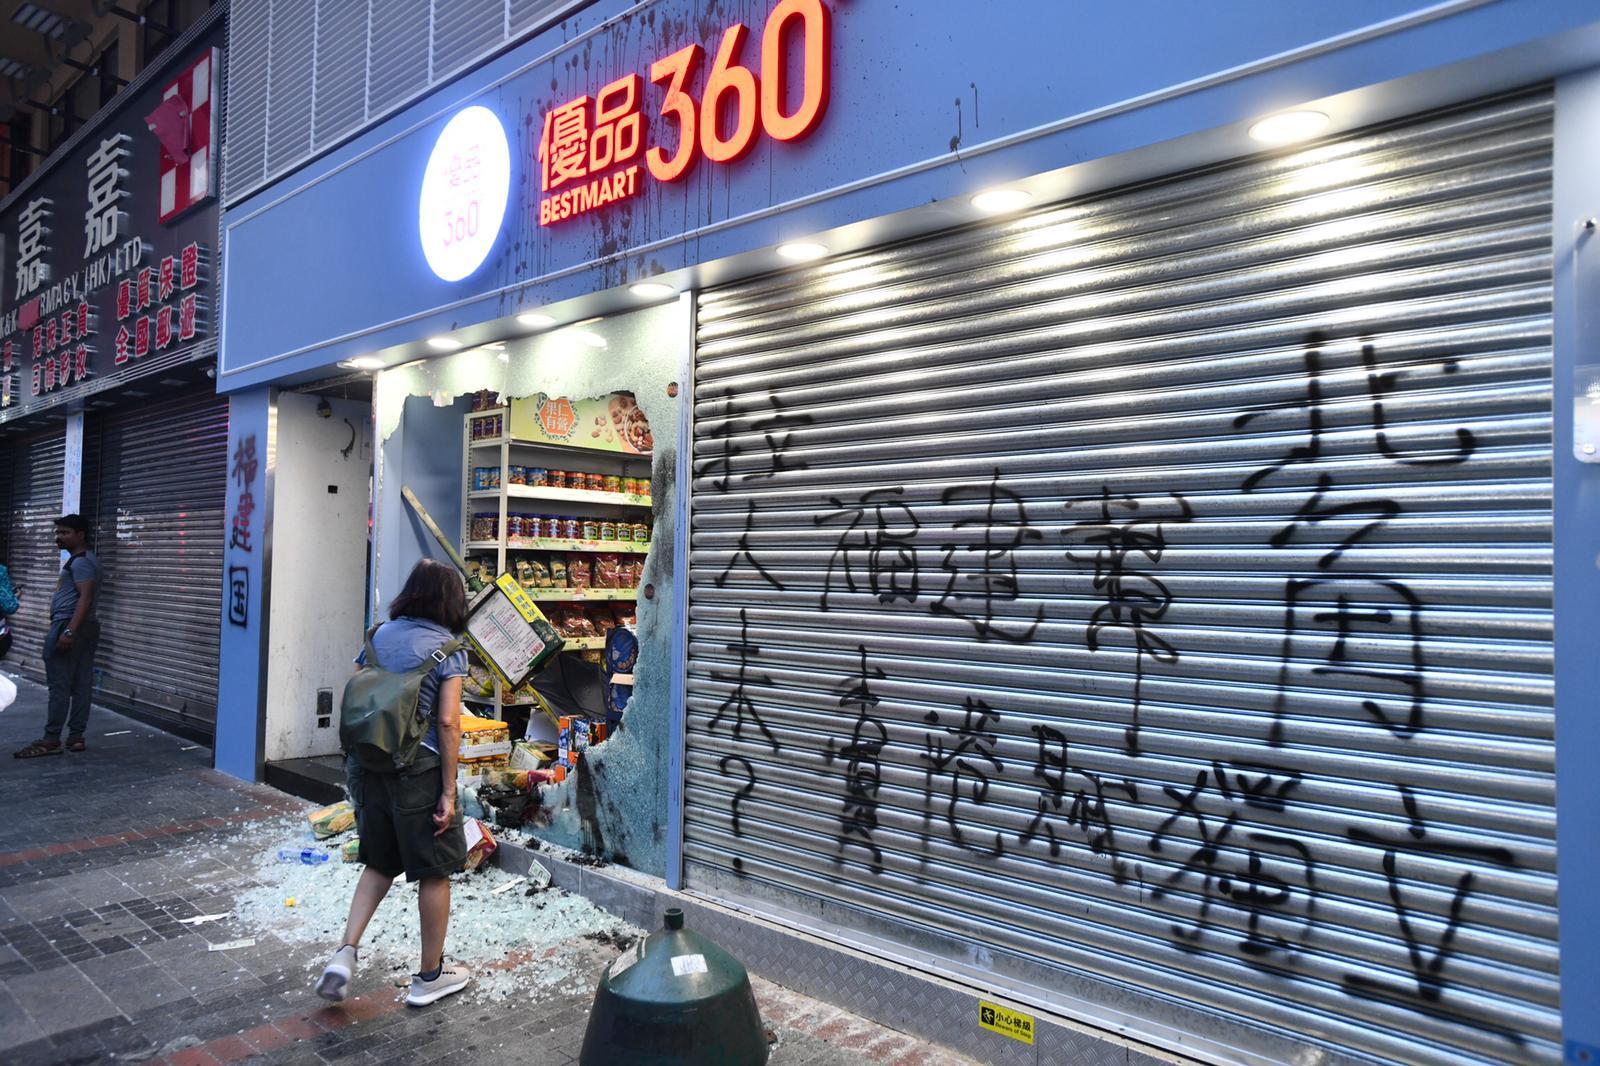 優品360指59間店遭破壞。資料圖片